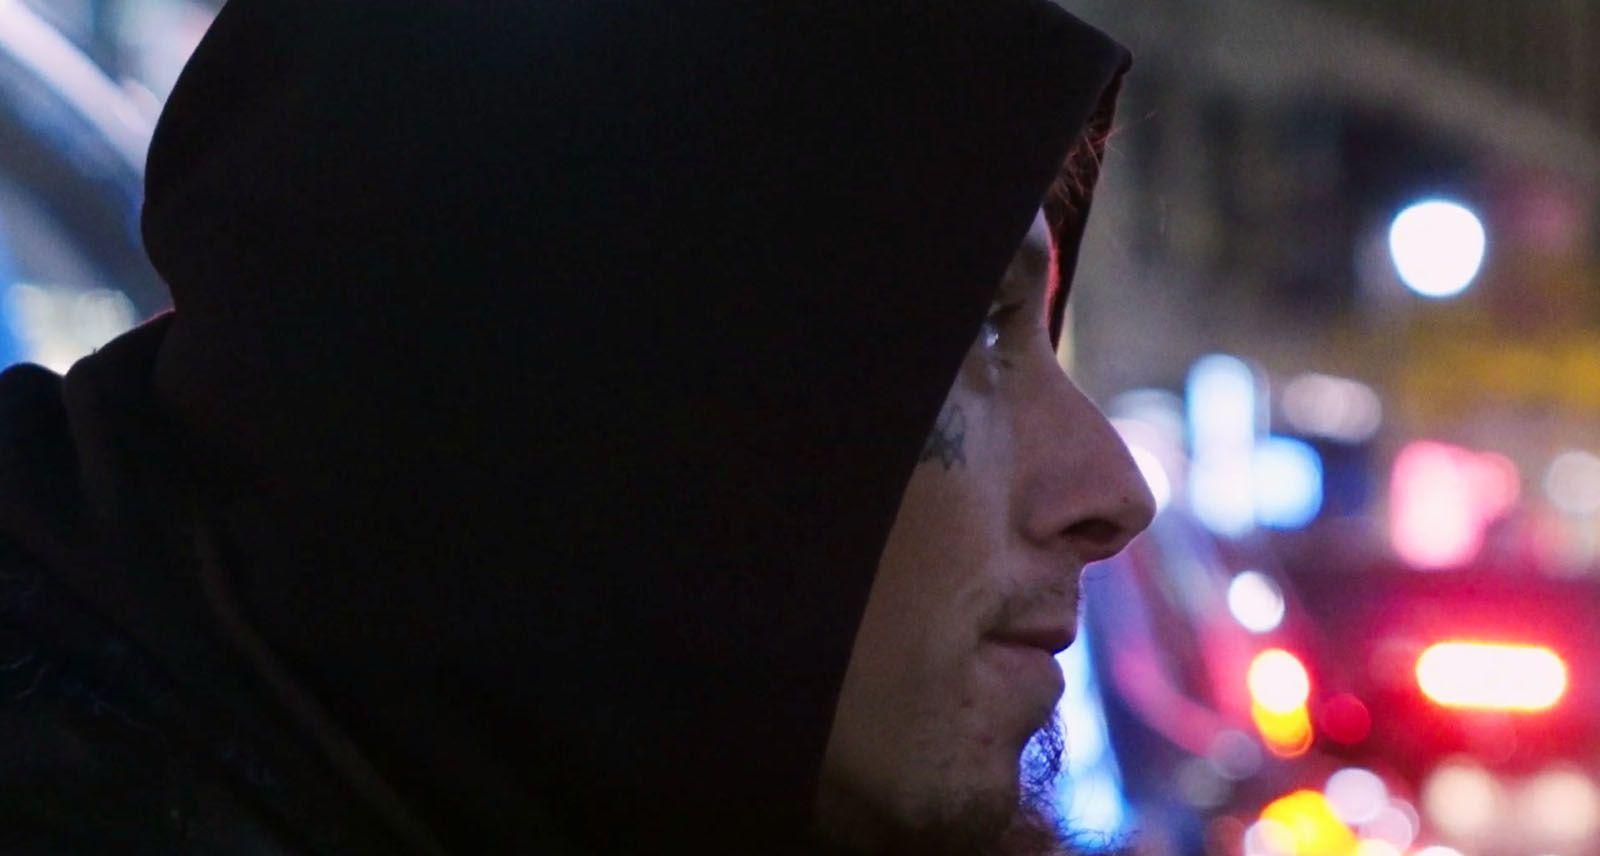 Midnight Ramblers (BANDE-ANNONCE) Documentaire de Julian Ballester - Le 27 juin 2018 au cinéma